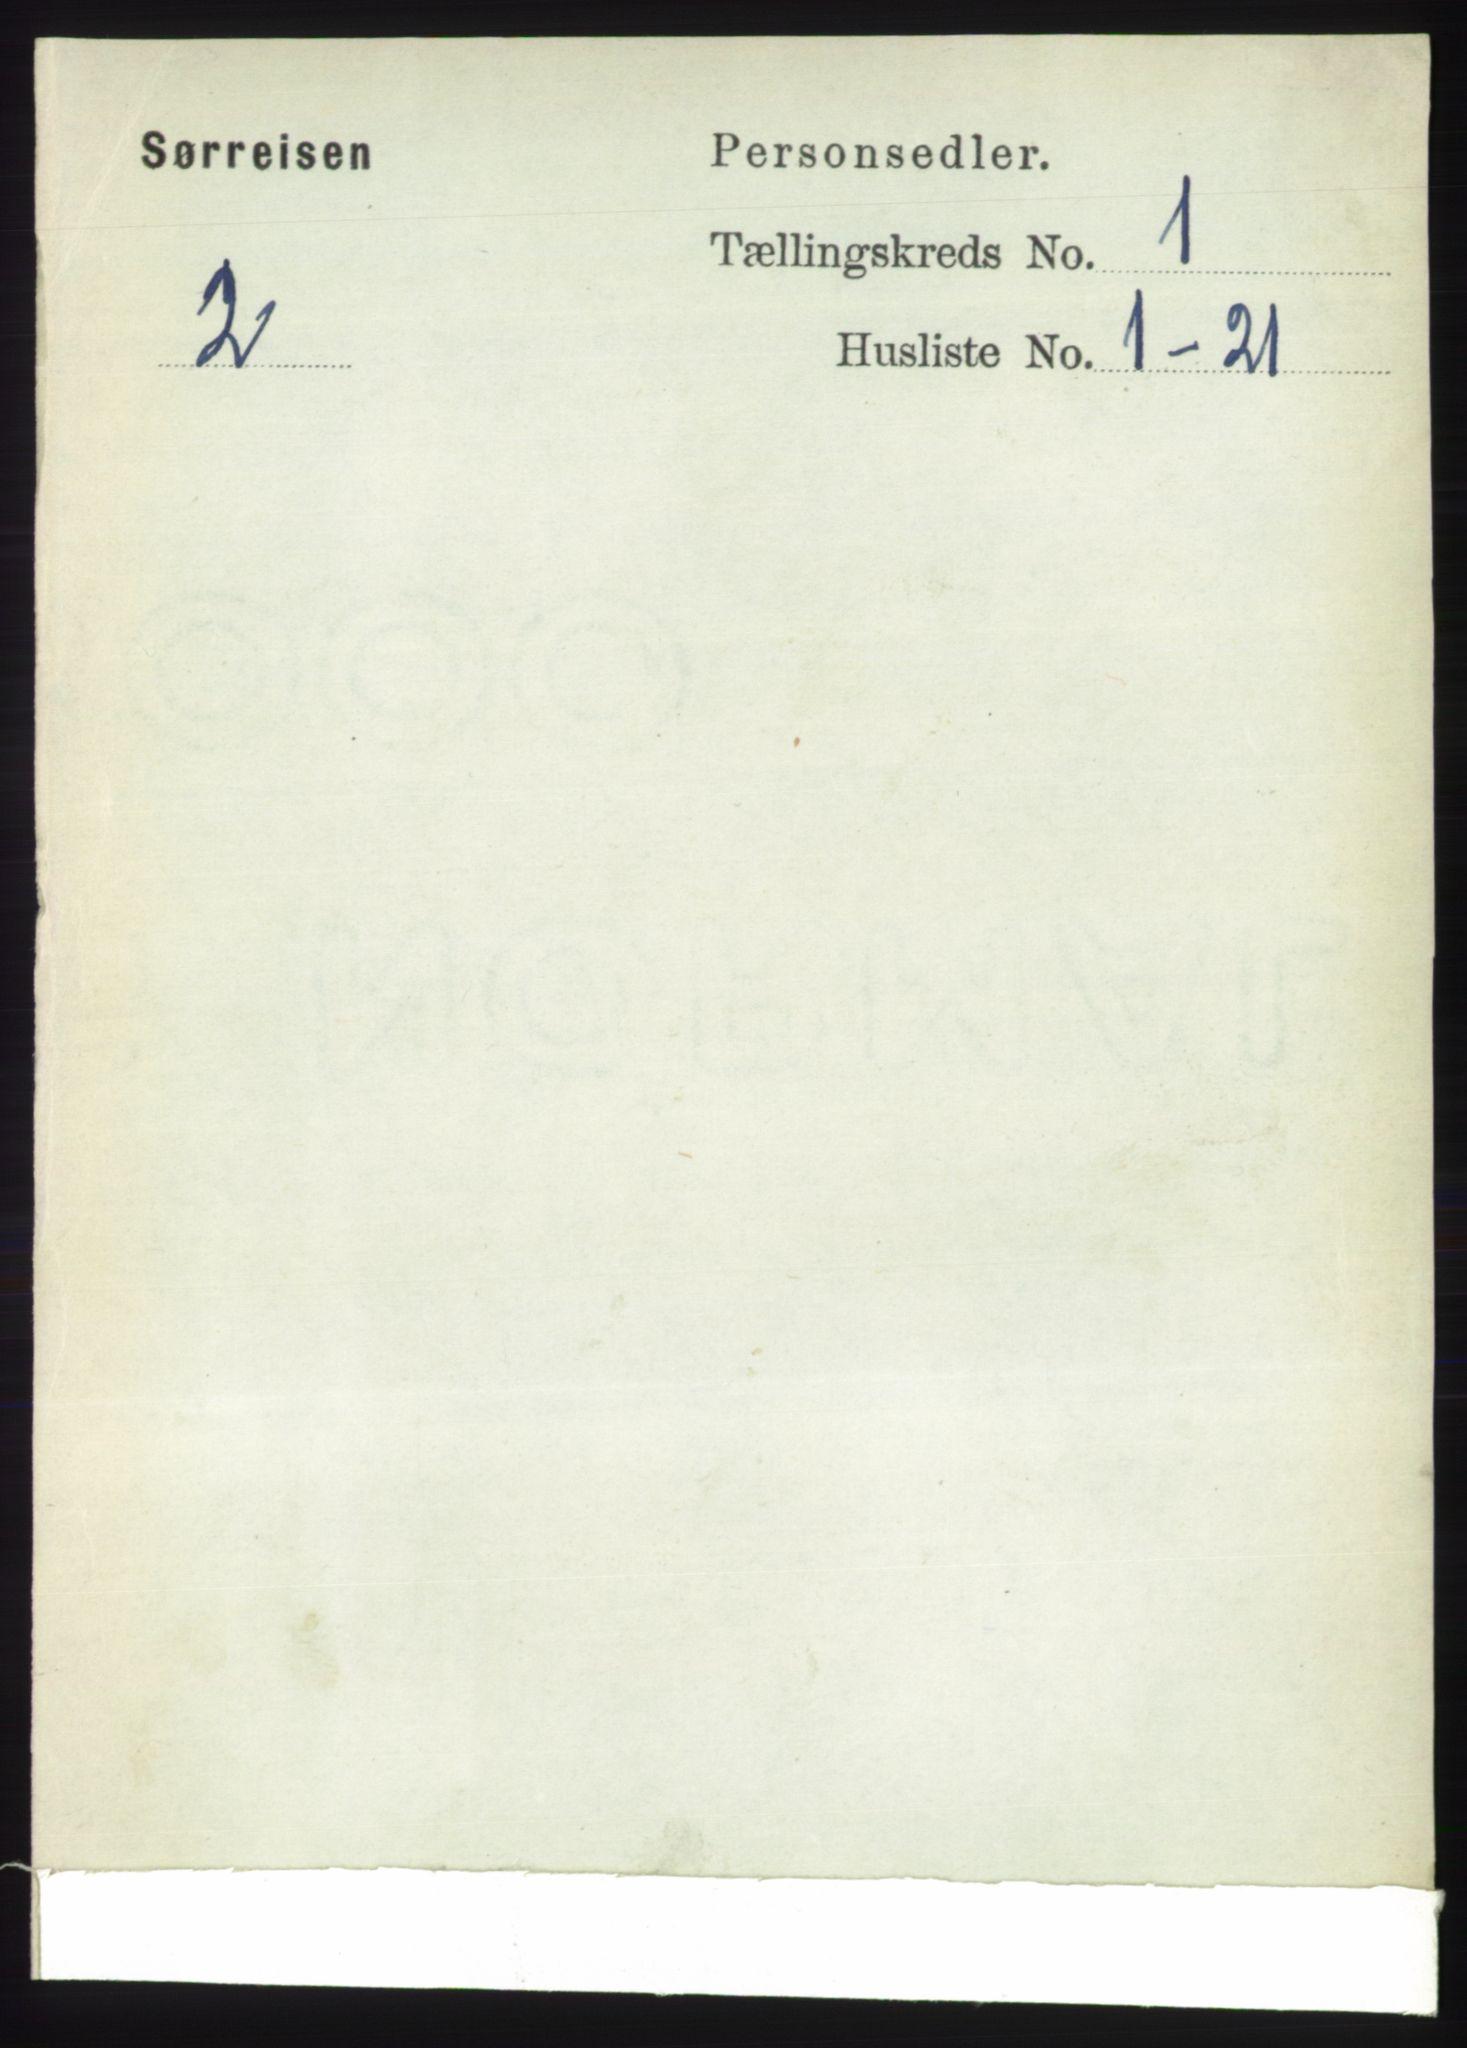 RA, Folketelling 1891 for 1925 Sørreisa herred, 1891, s. 61